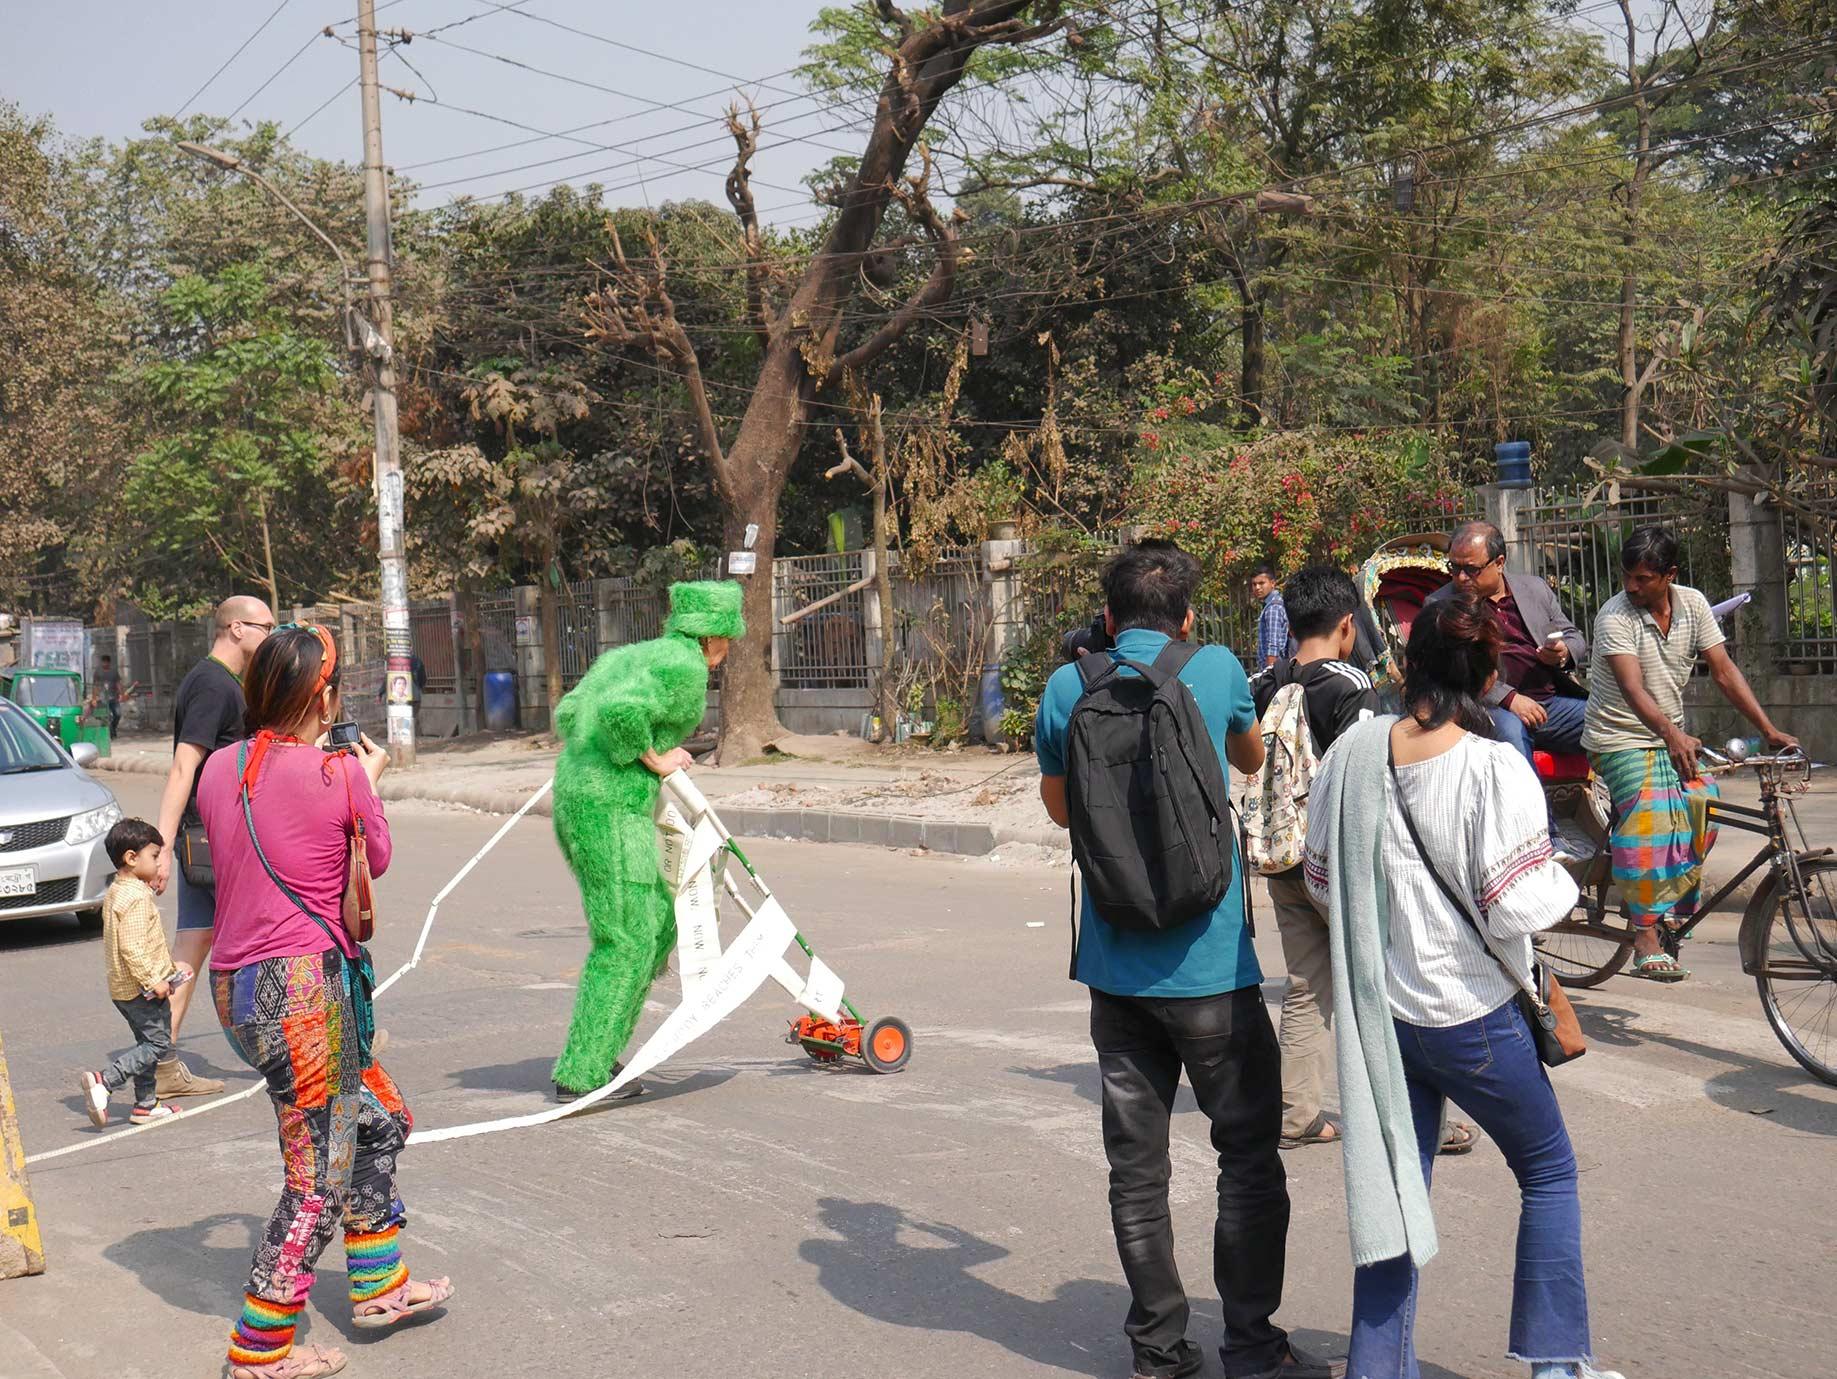 Dhaka2019DagPerfFM_3web.jpg